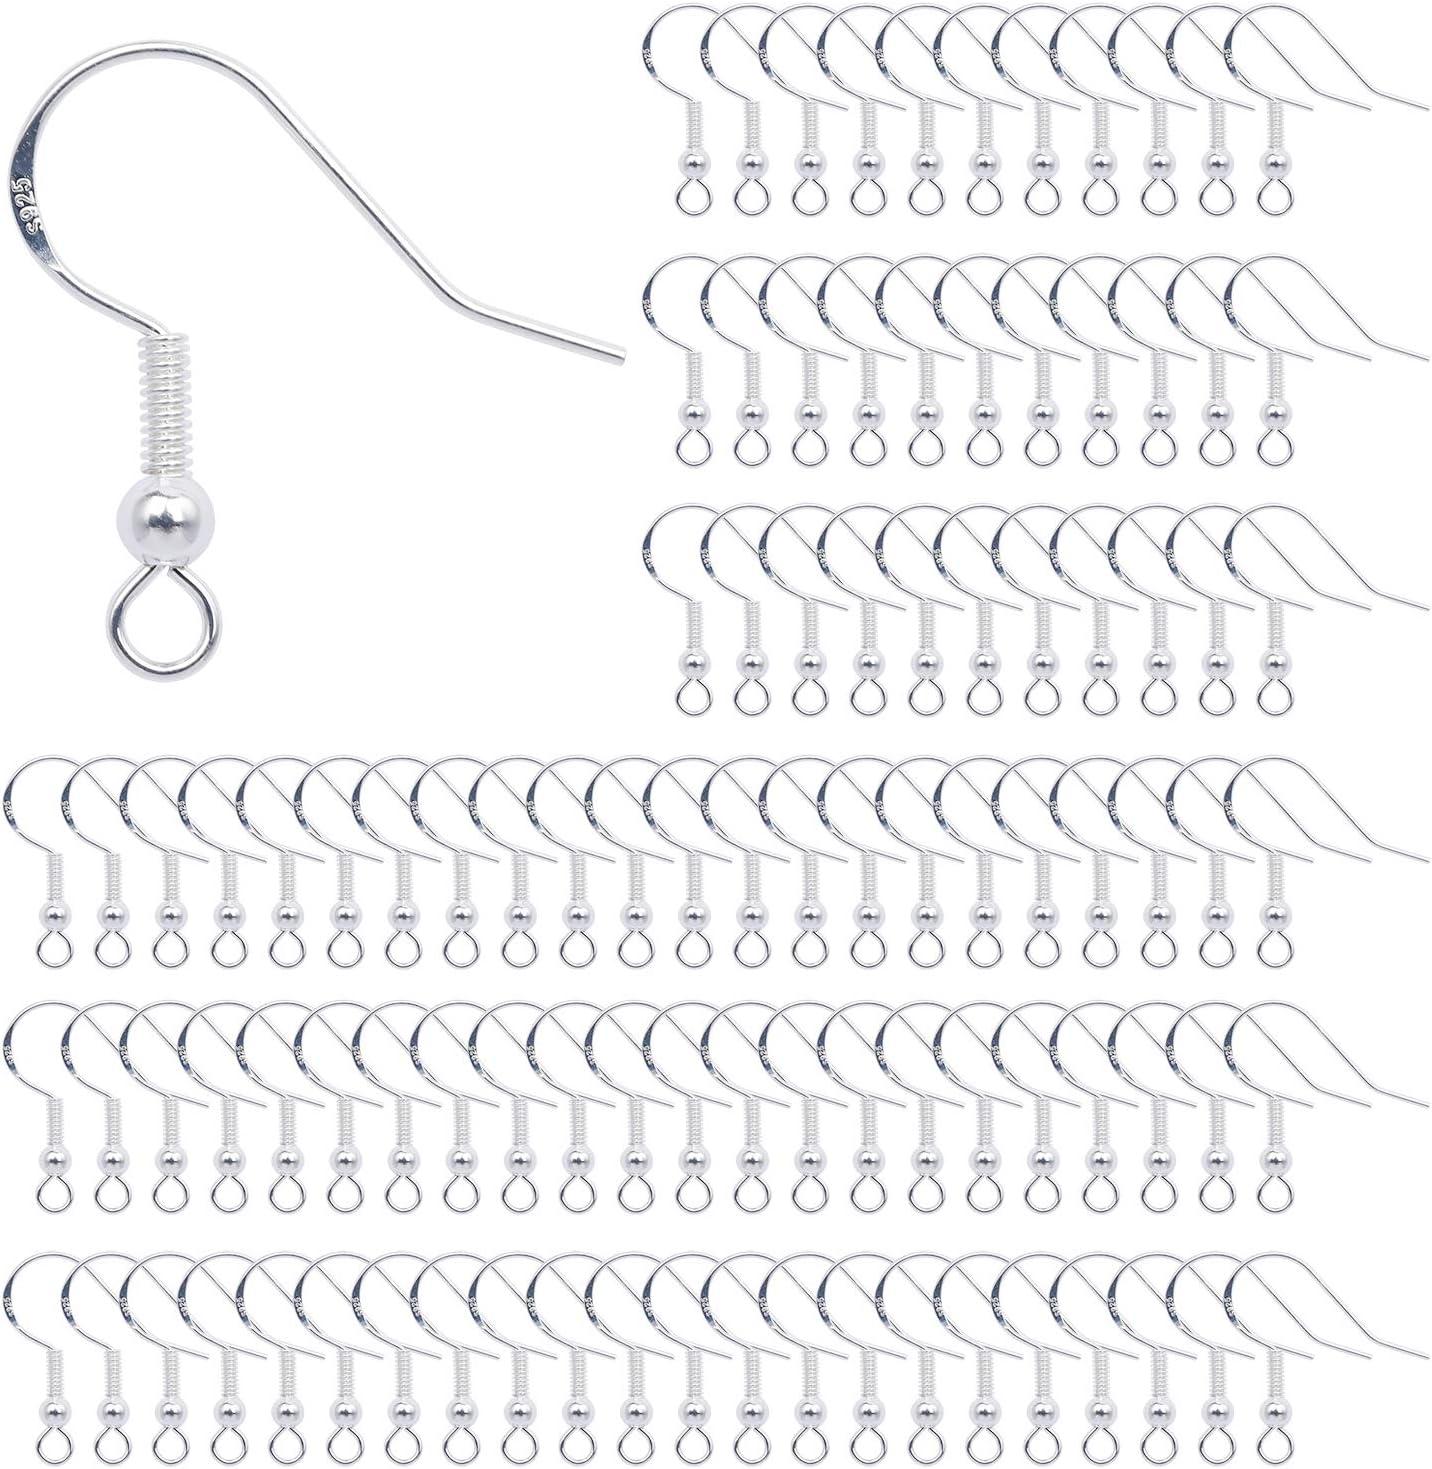 Ganchos para Pendientes Ganchos de Plata de Ley 925 para Pendientes Accesorios Para Bricolaje Hacer Joyería 100 Piezas